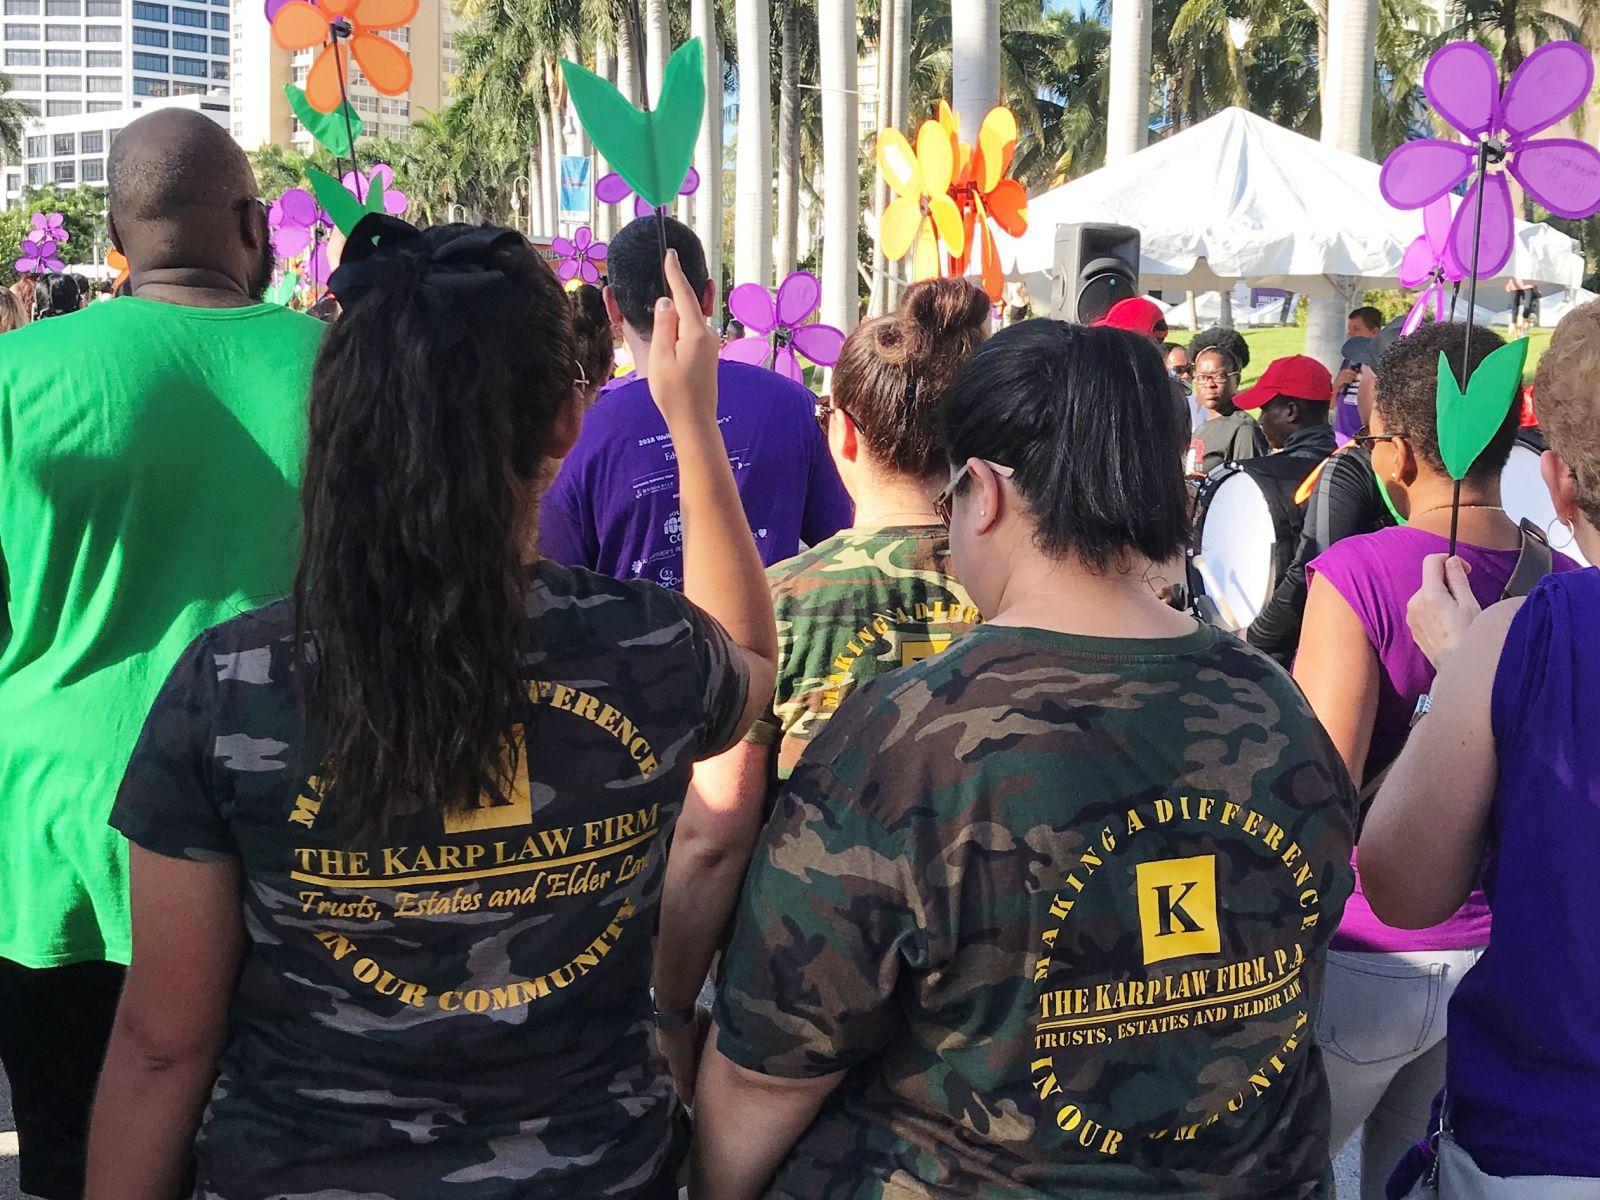 Karp's Kommandos walk down Flagler Drive in West Palm Beach